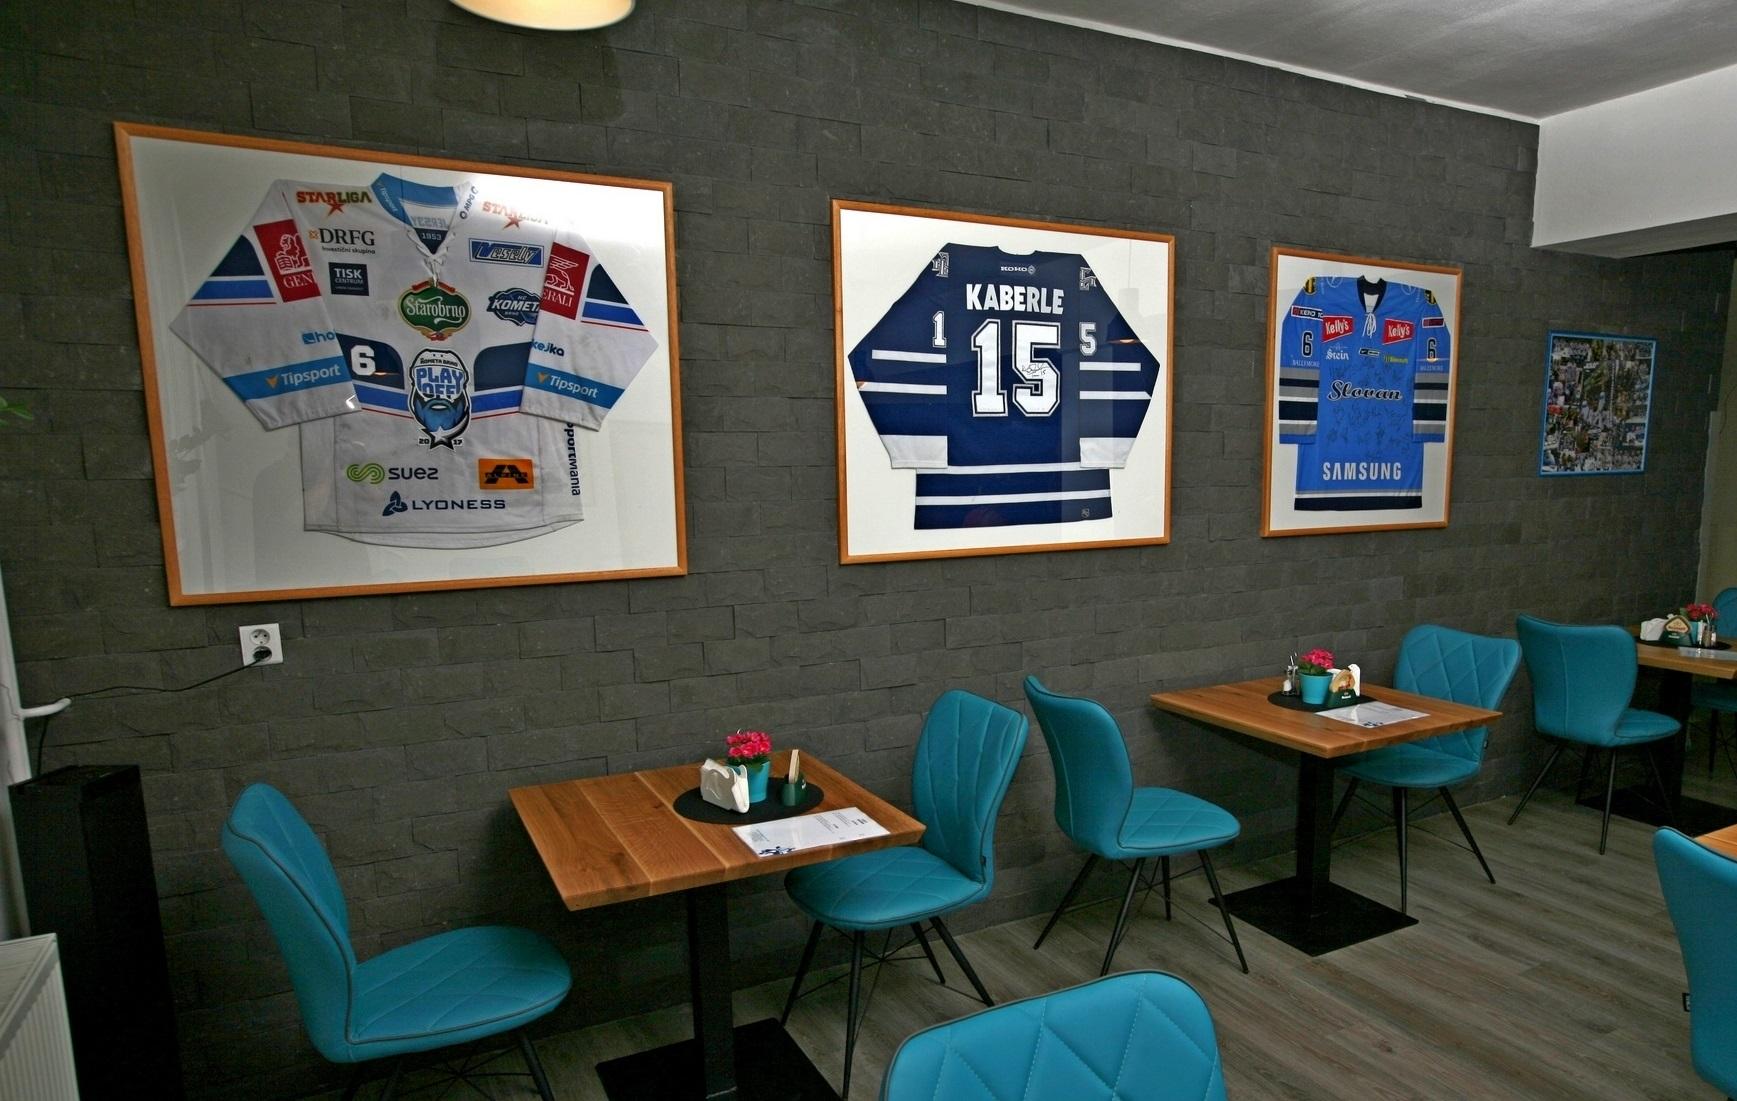 Príďte si po zážitok do hokejovej re - Katalóg firiem  22d51492e0f